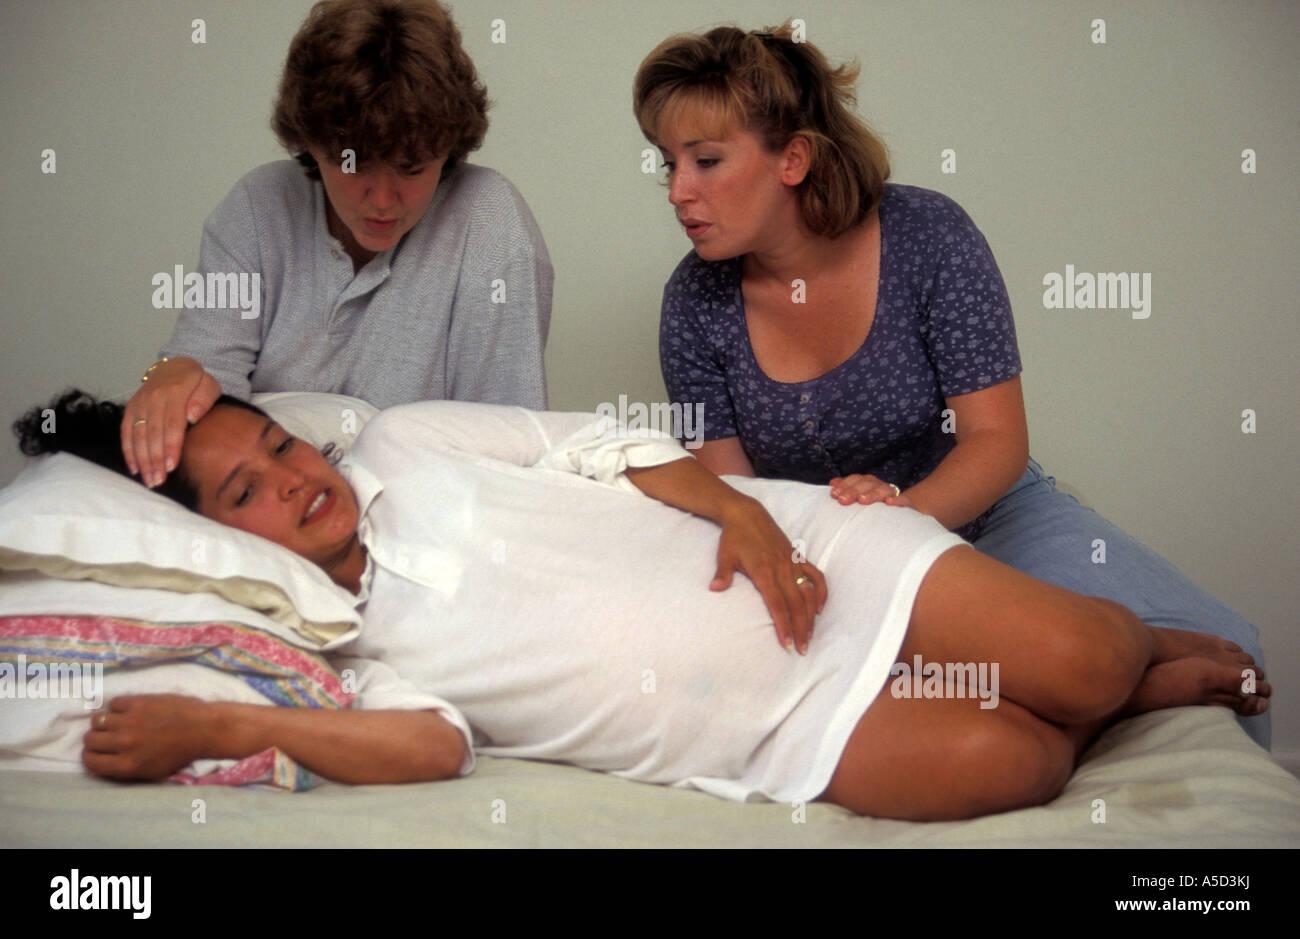 2 Frauen Hispanic Frau Während Der Geburt Zu Unterstützen Stockfoto